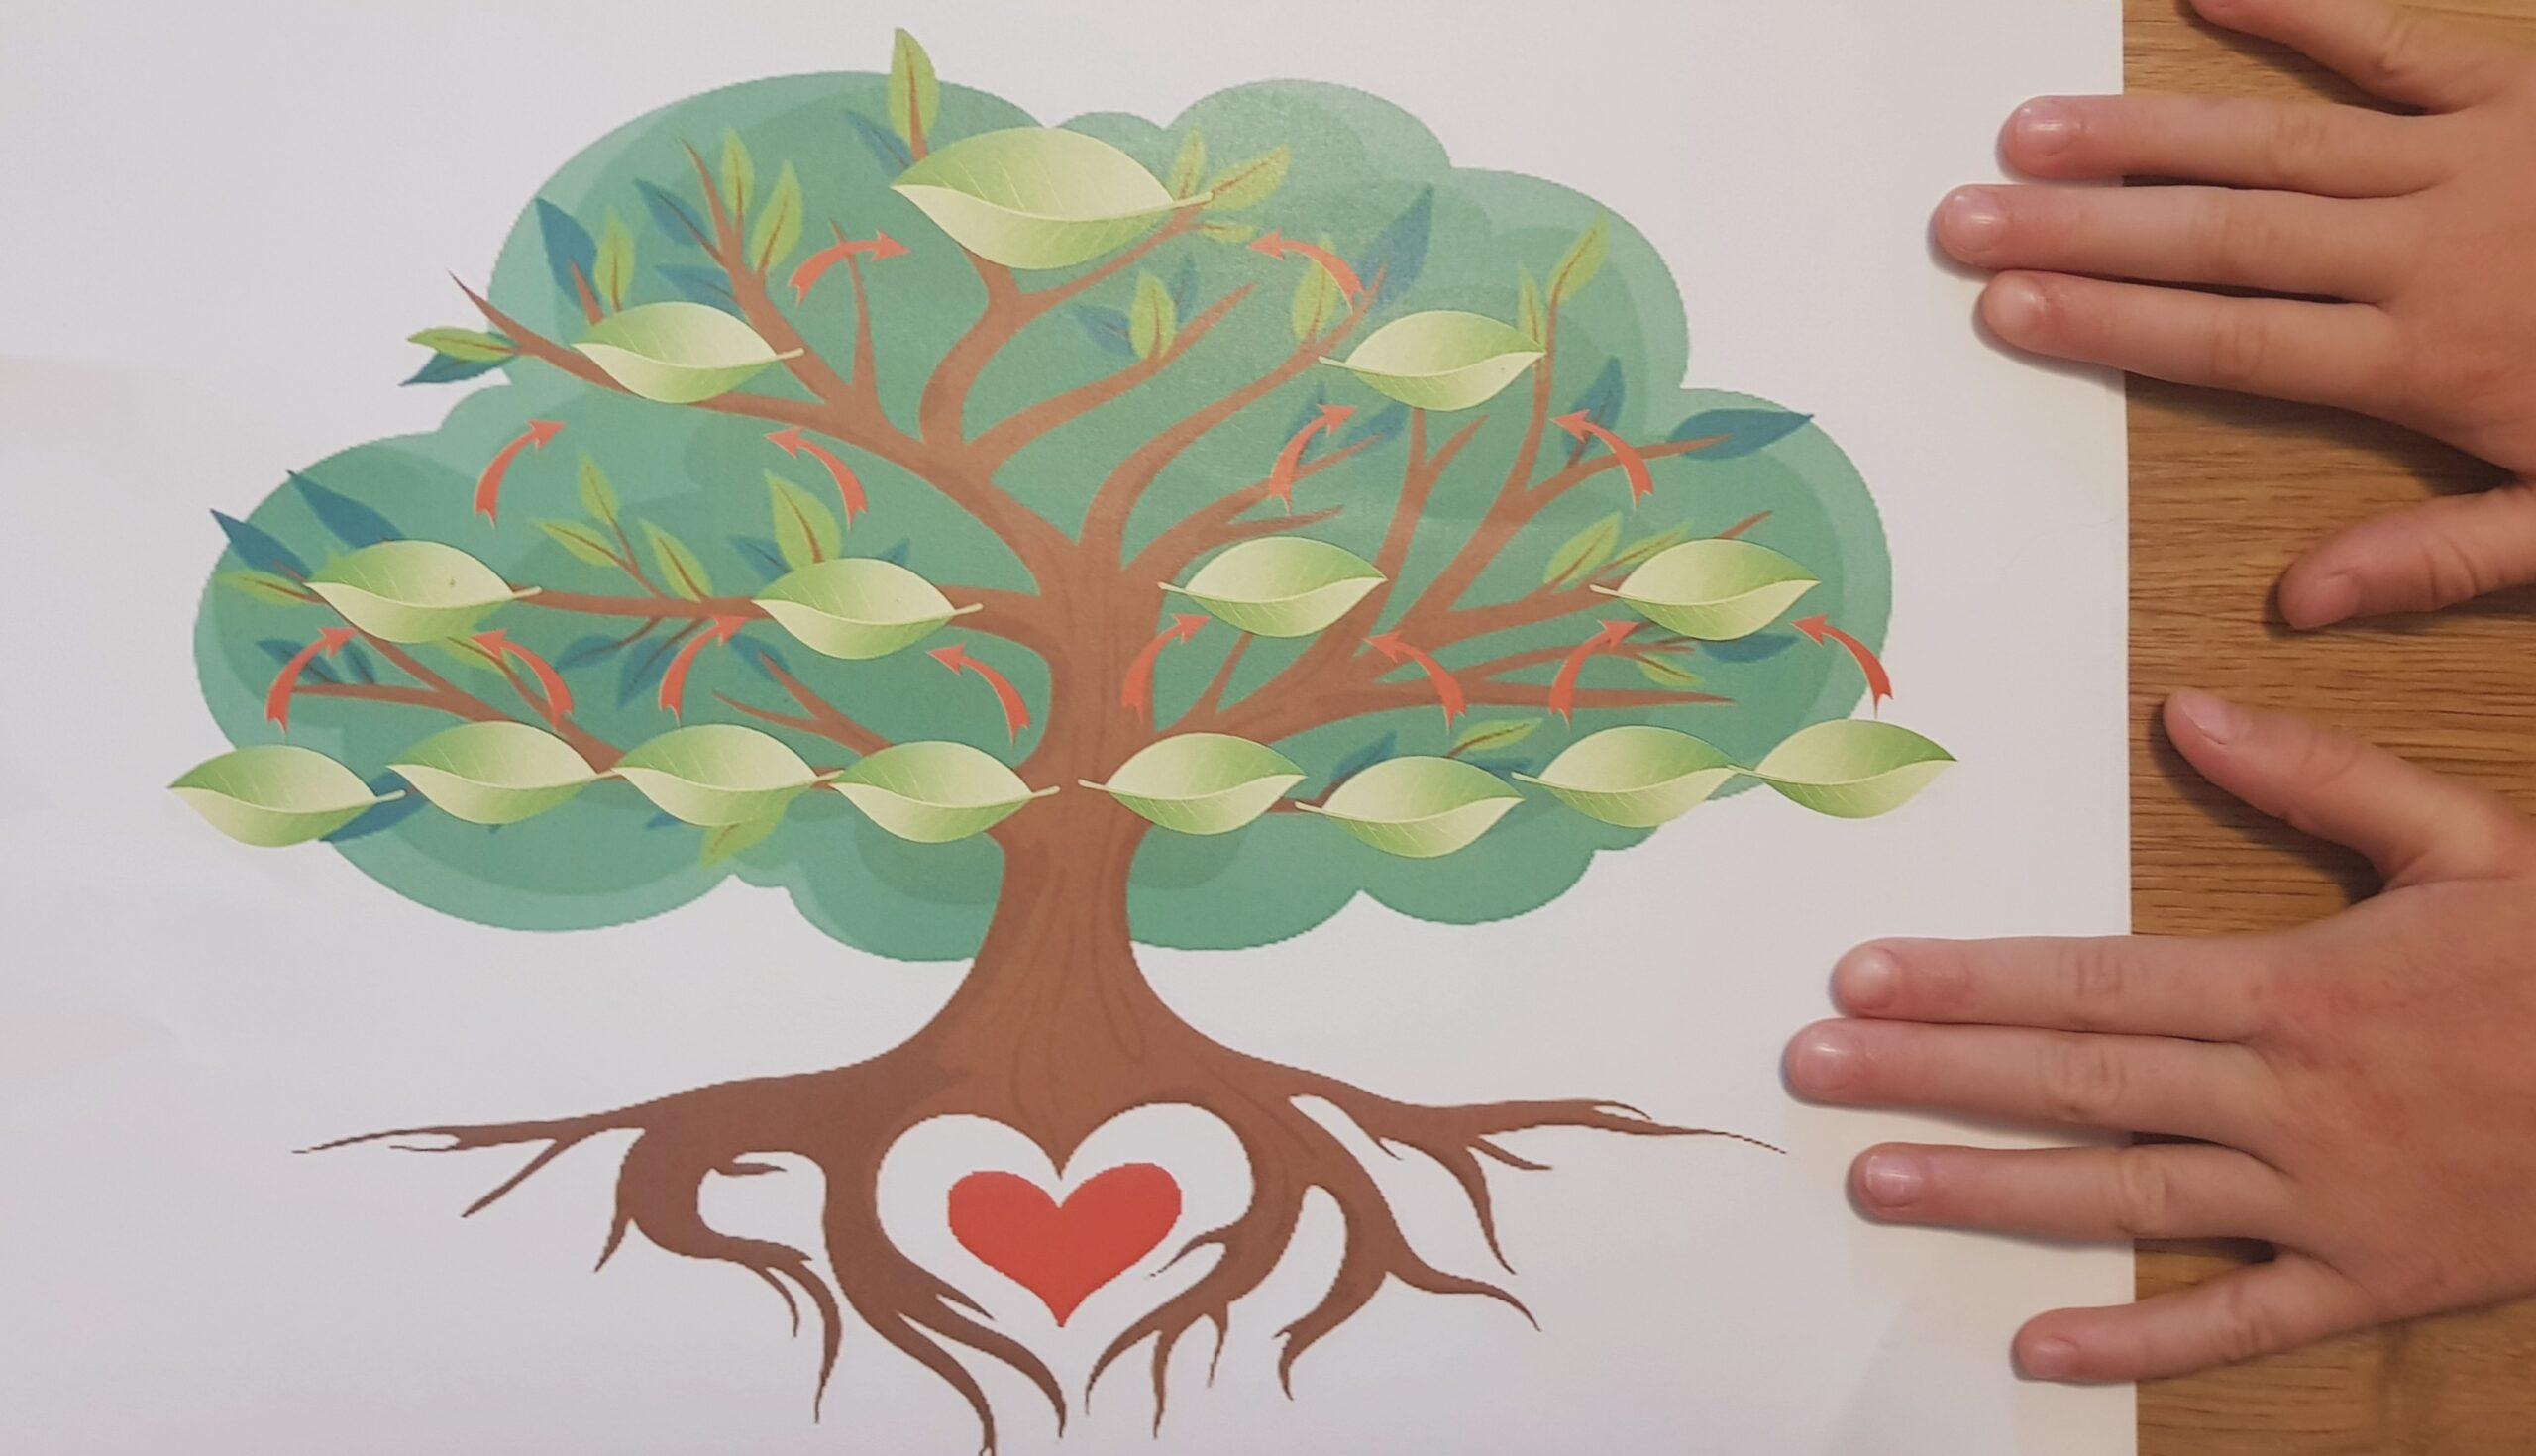 arbore genealogic